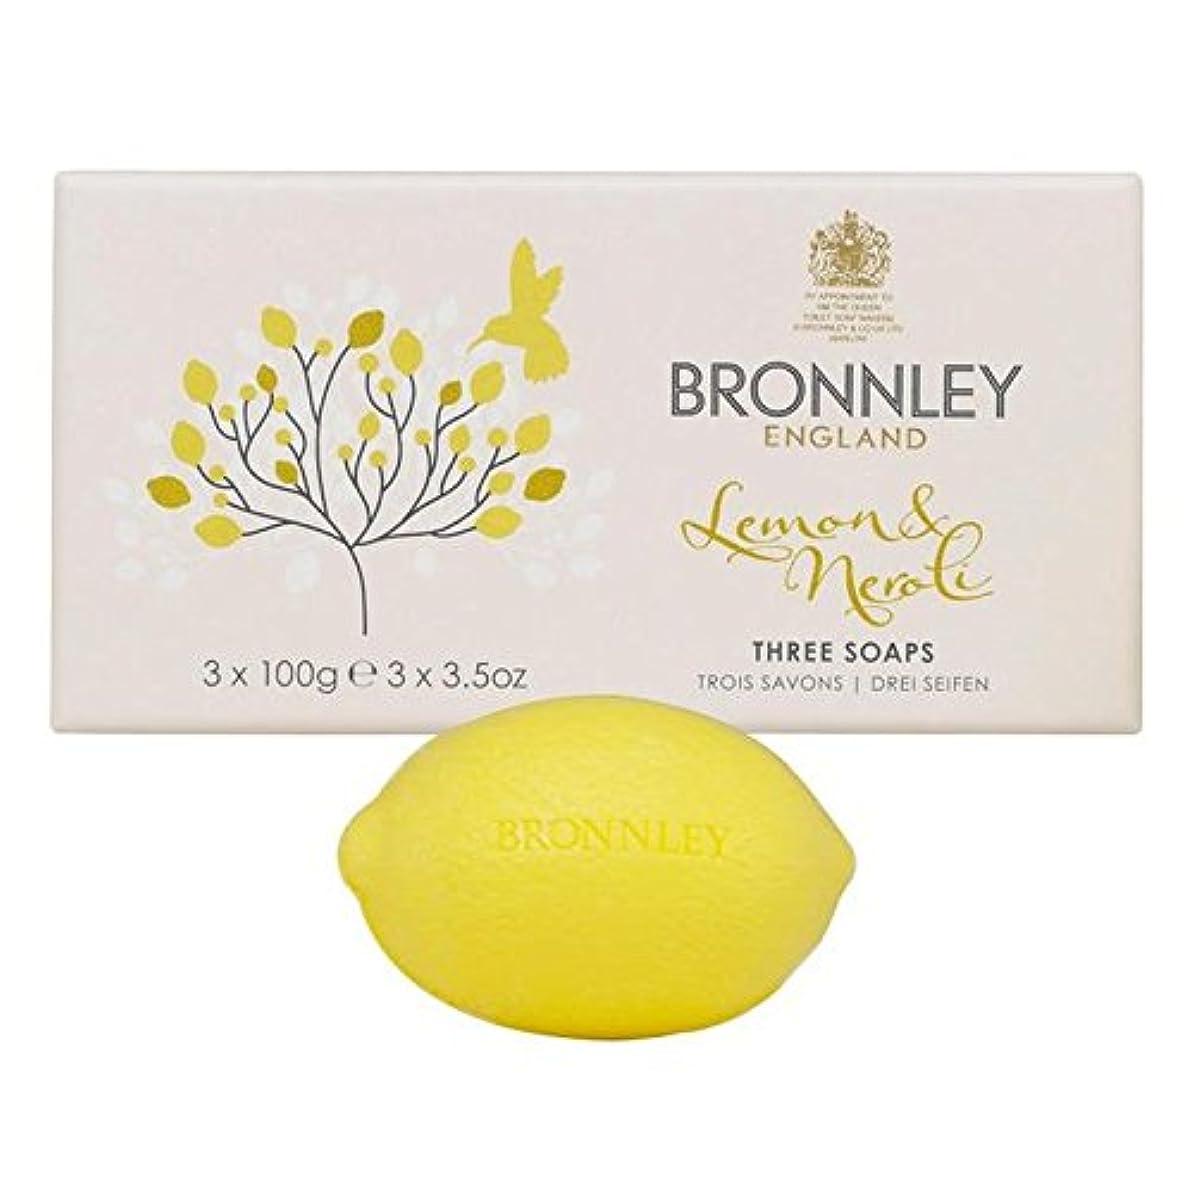 グラスアカデミー失われたBronnley Lemon & Neroli Soaps 3 x 100g - レモン&ネロリ石鹸3×100グラム [並行輸入品]